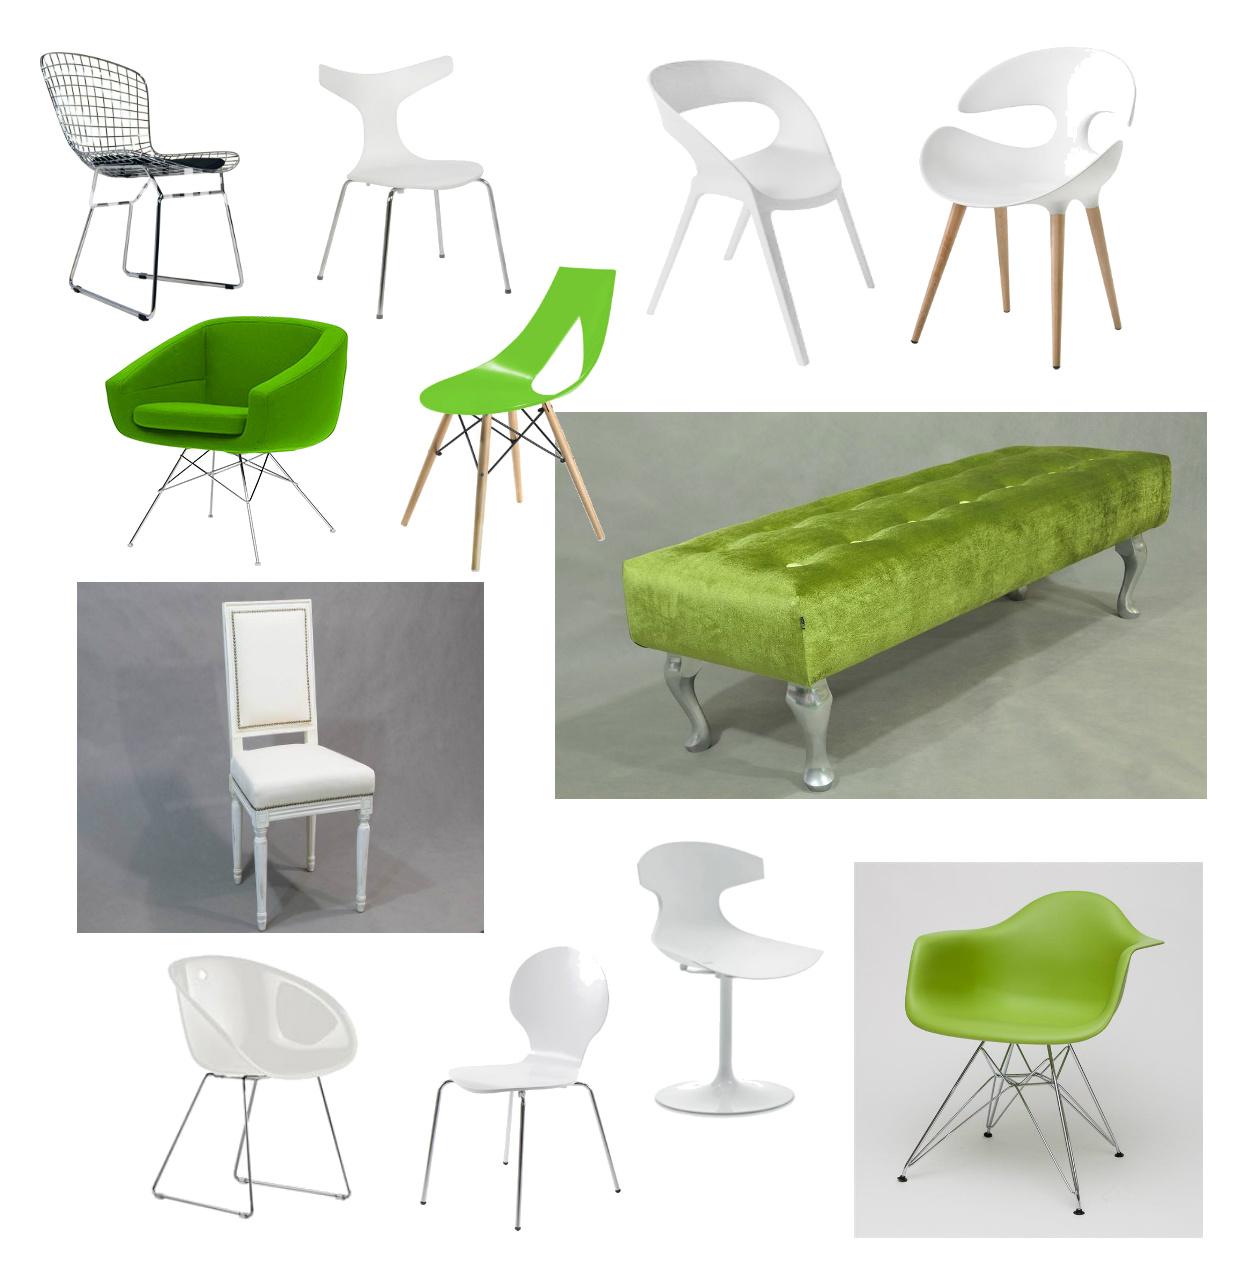 biale krzesła, zielone krzesła,zielona ławka,zielony fotel,druciane krzesła